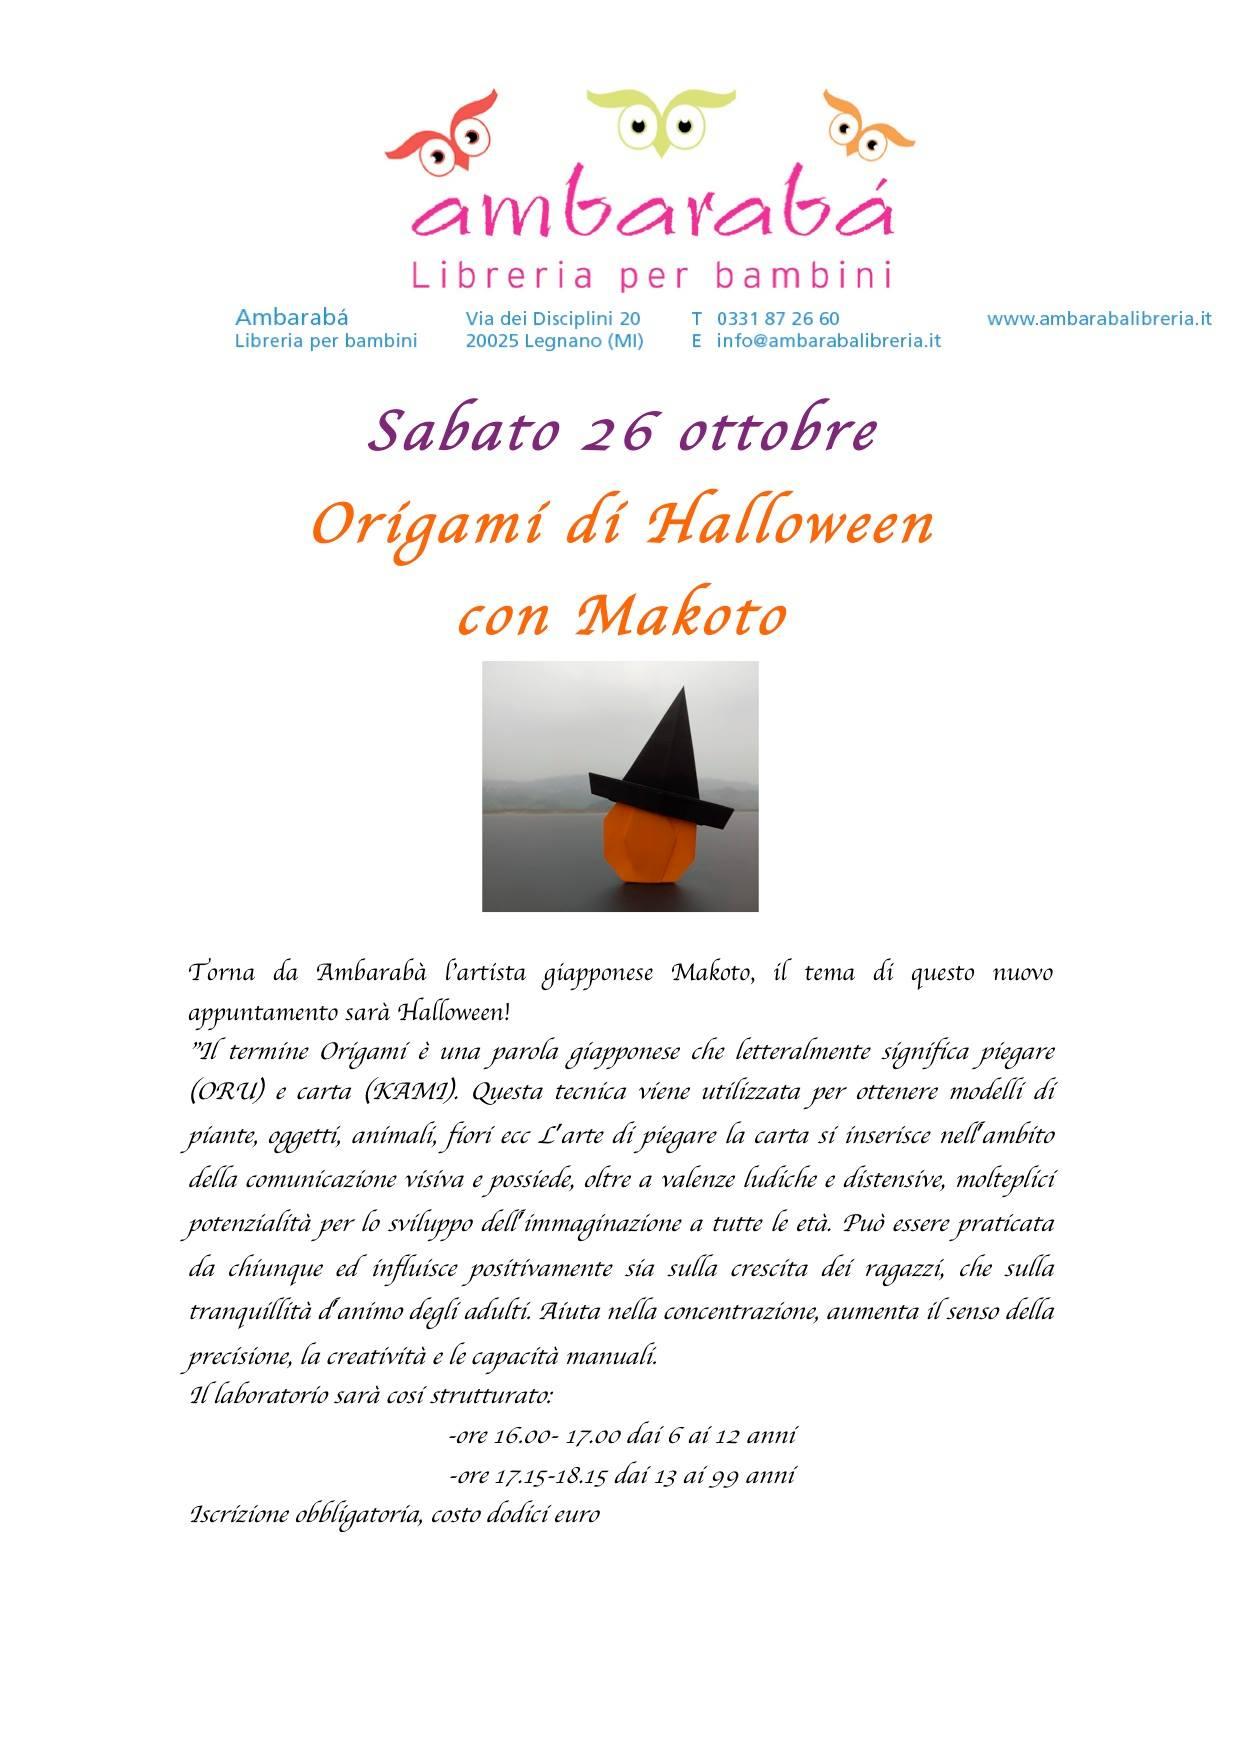 Origami di Halloween con Makoto